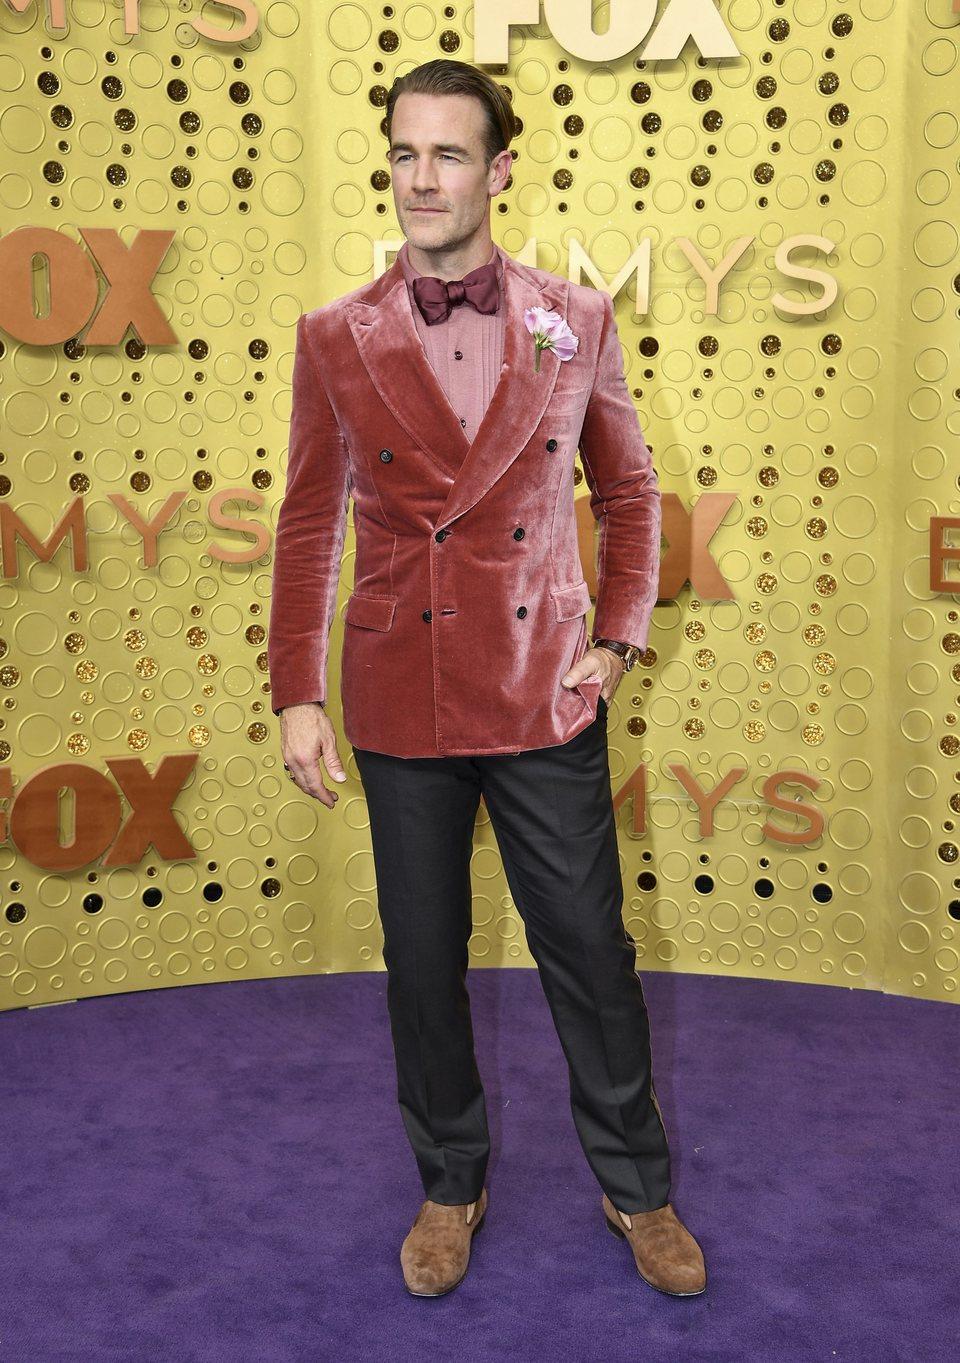 James Van Der Beek en la alfombra roja de los premios Emmy 2019